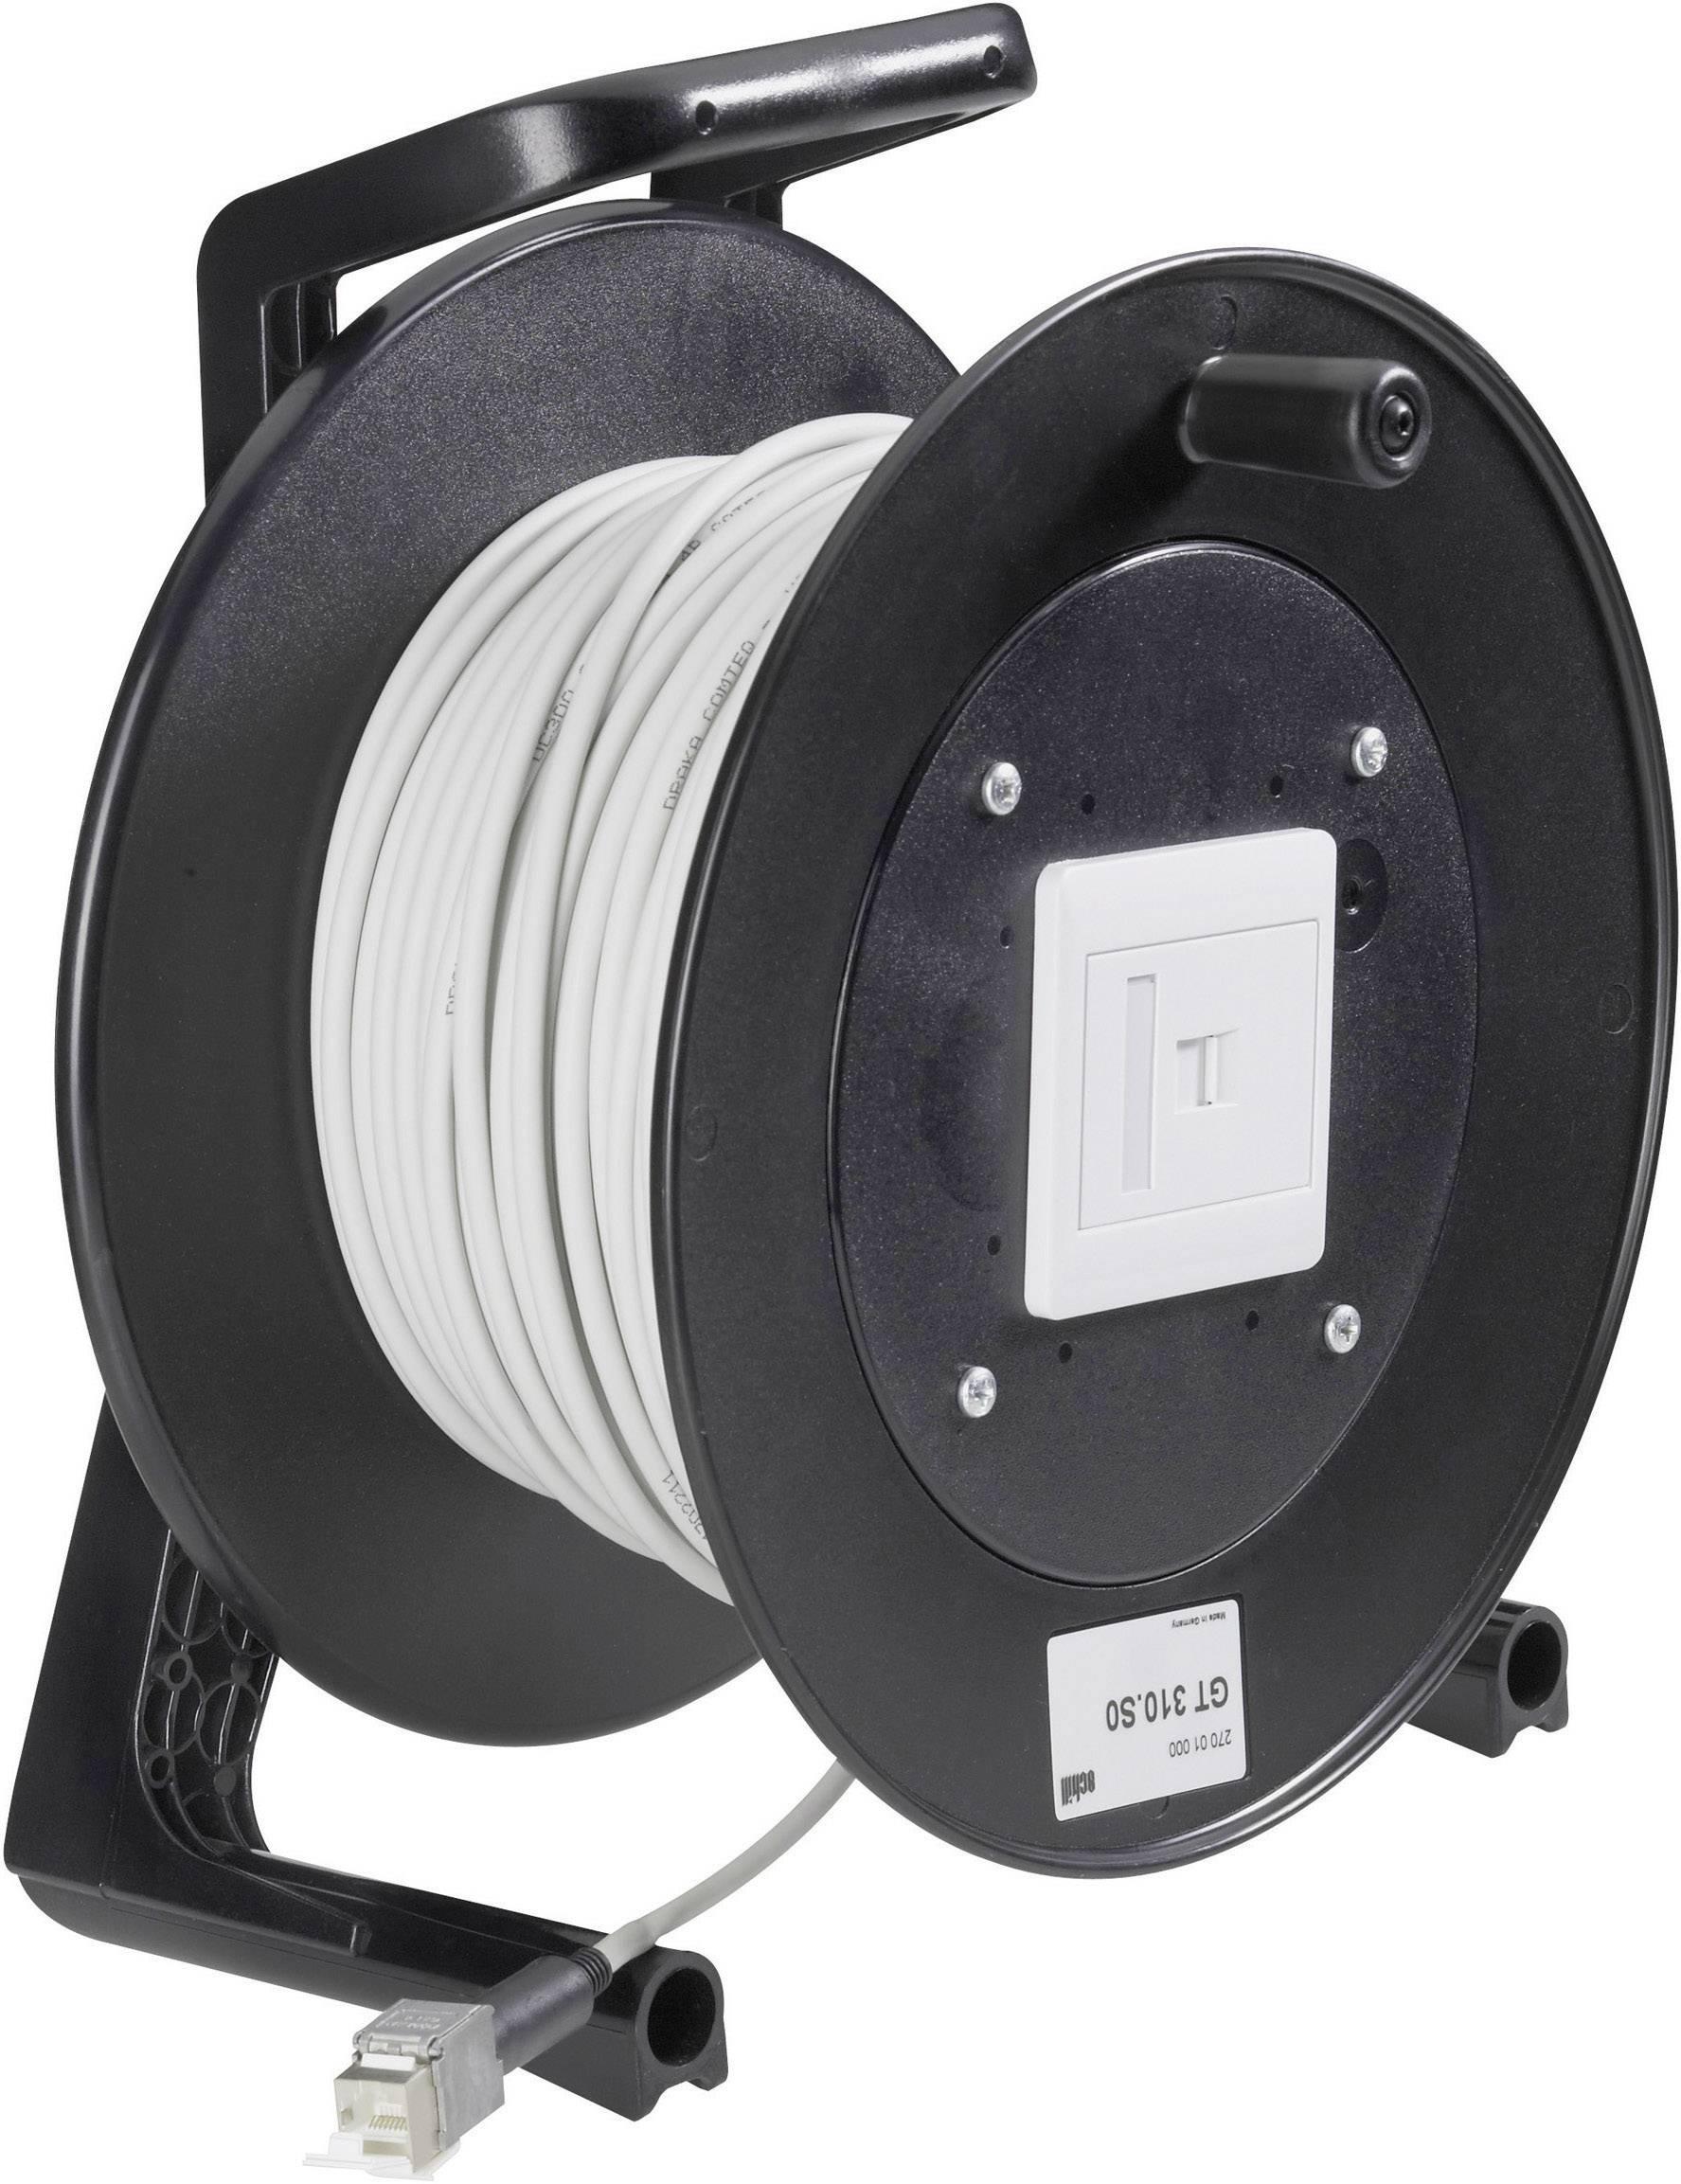 2/m, RJ-45, Blue /RJ-45/Network Cable EFB-Elektronik 2/m CAT6/S//FTP 2/m Blue Network Cable/